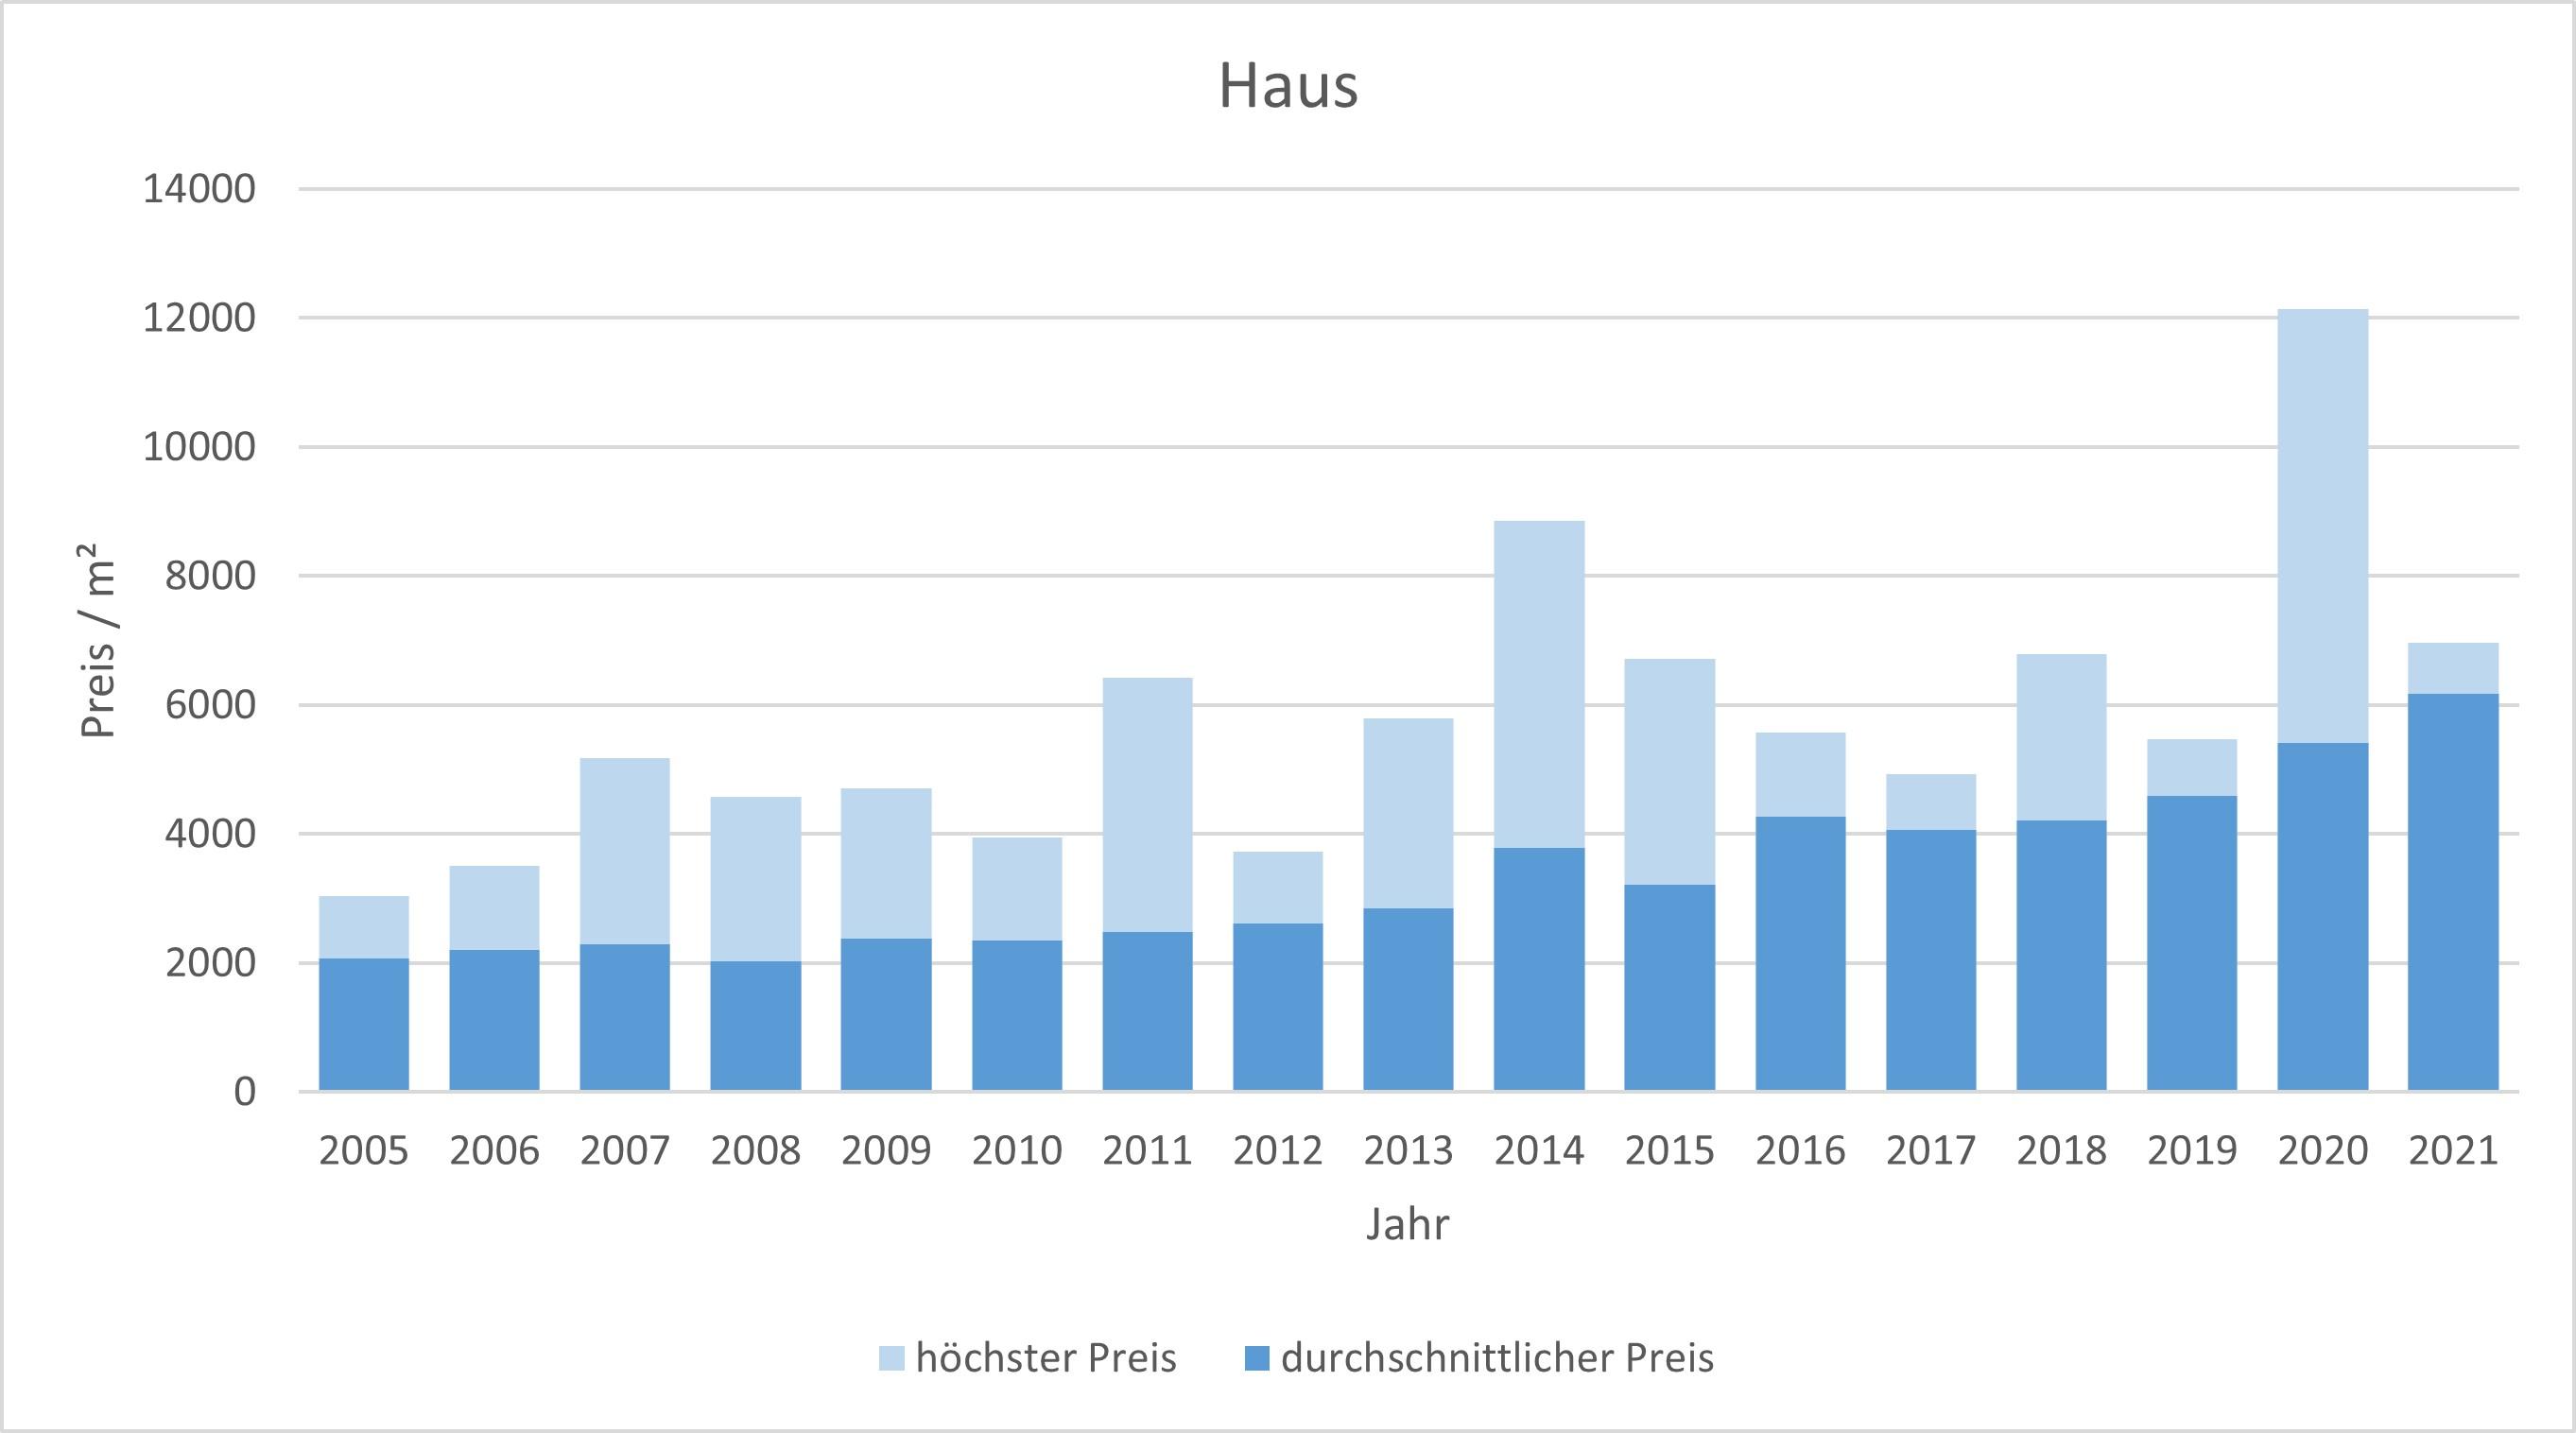 Aßling Makler Haus Kaufen Verkaufen Preis Bewertung 2019, 2020, 2021